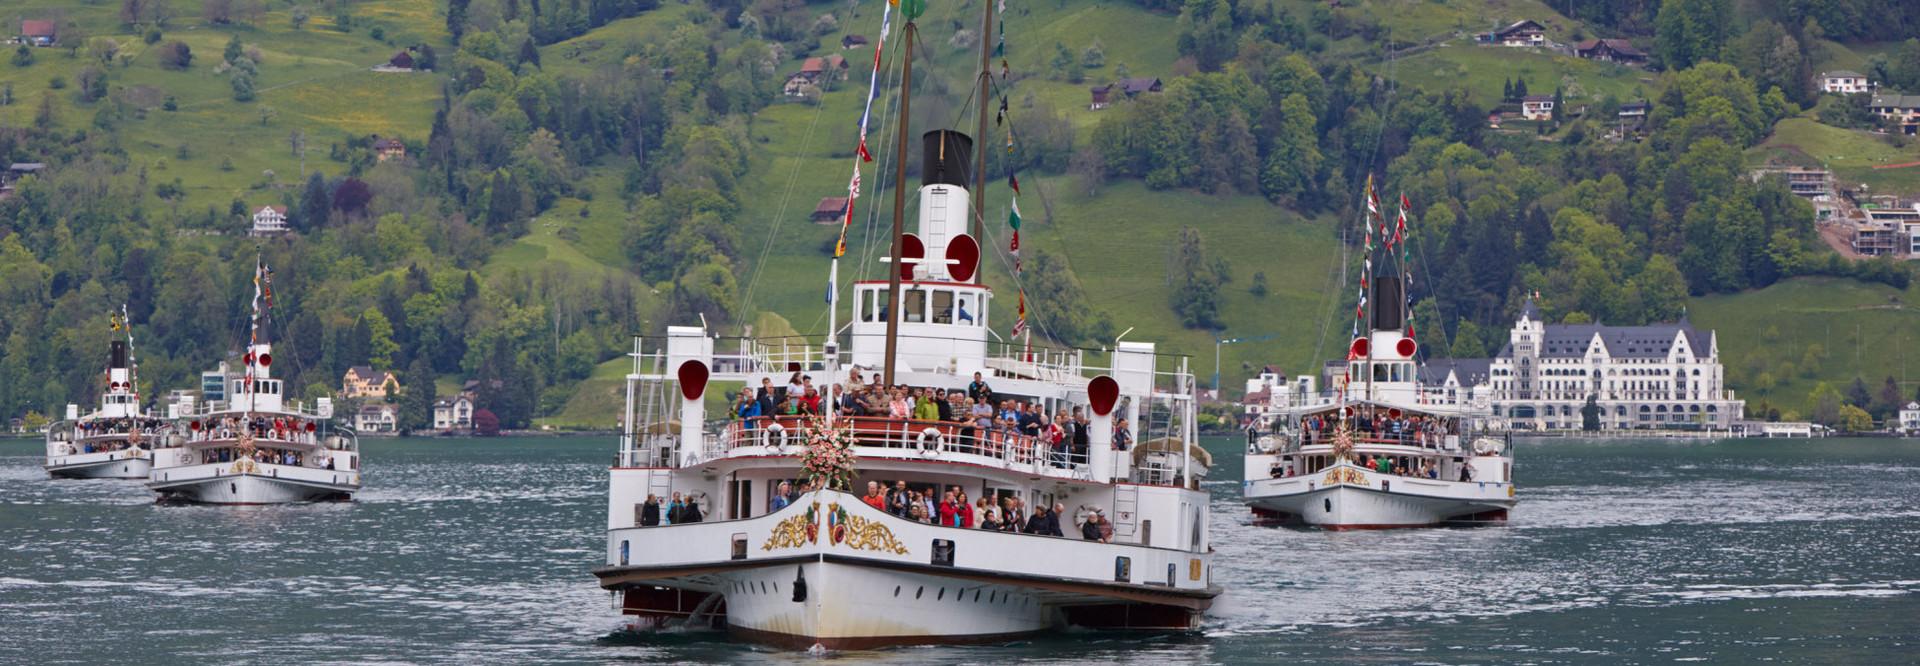 Vier Dampfschiffe mit Festbeflaggung an einer Parade